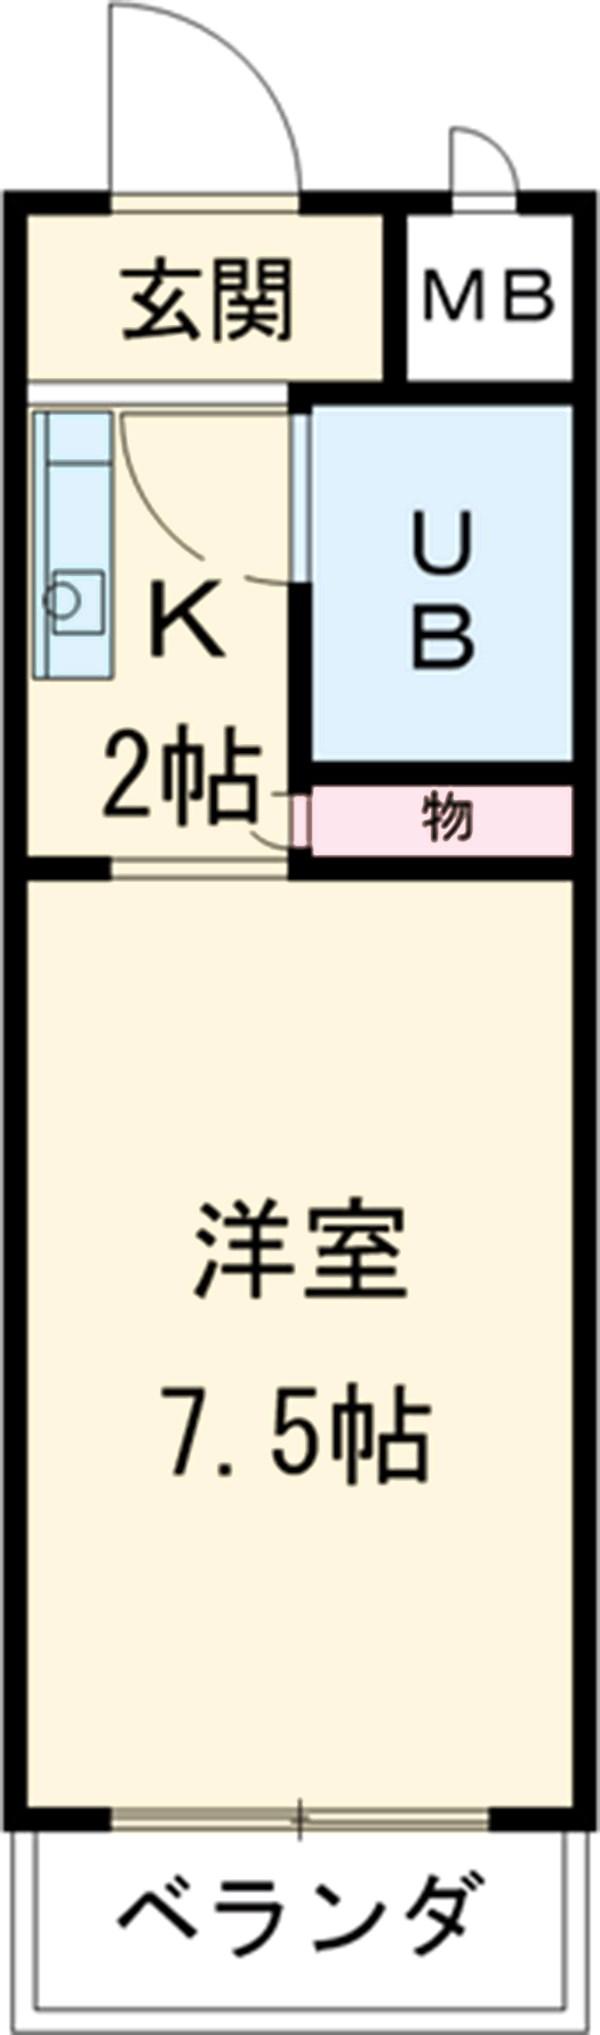 サンシャイン富士パート1 102号室の間取り